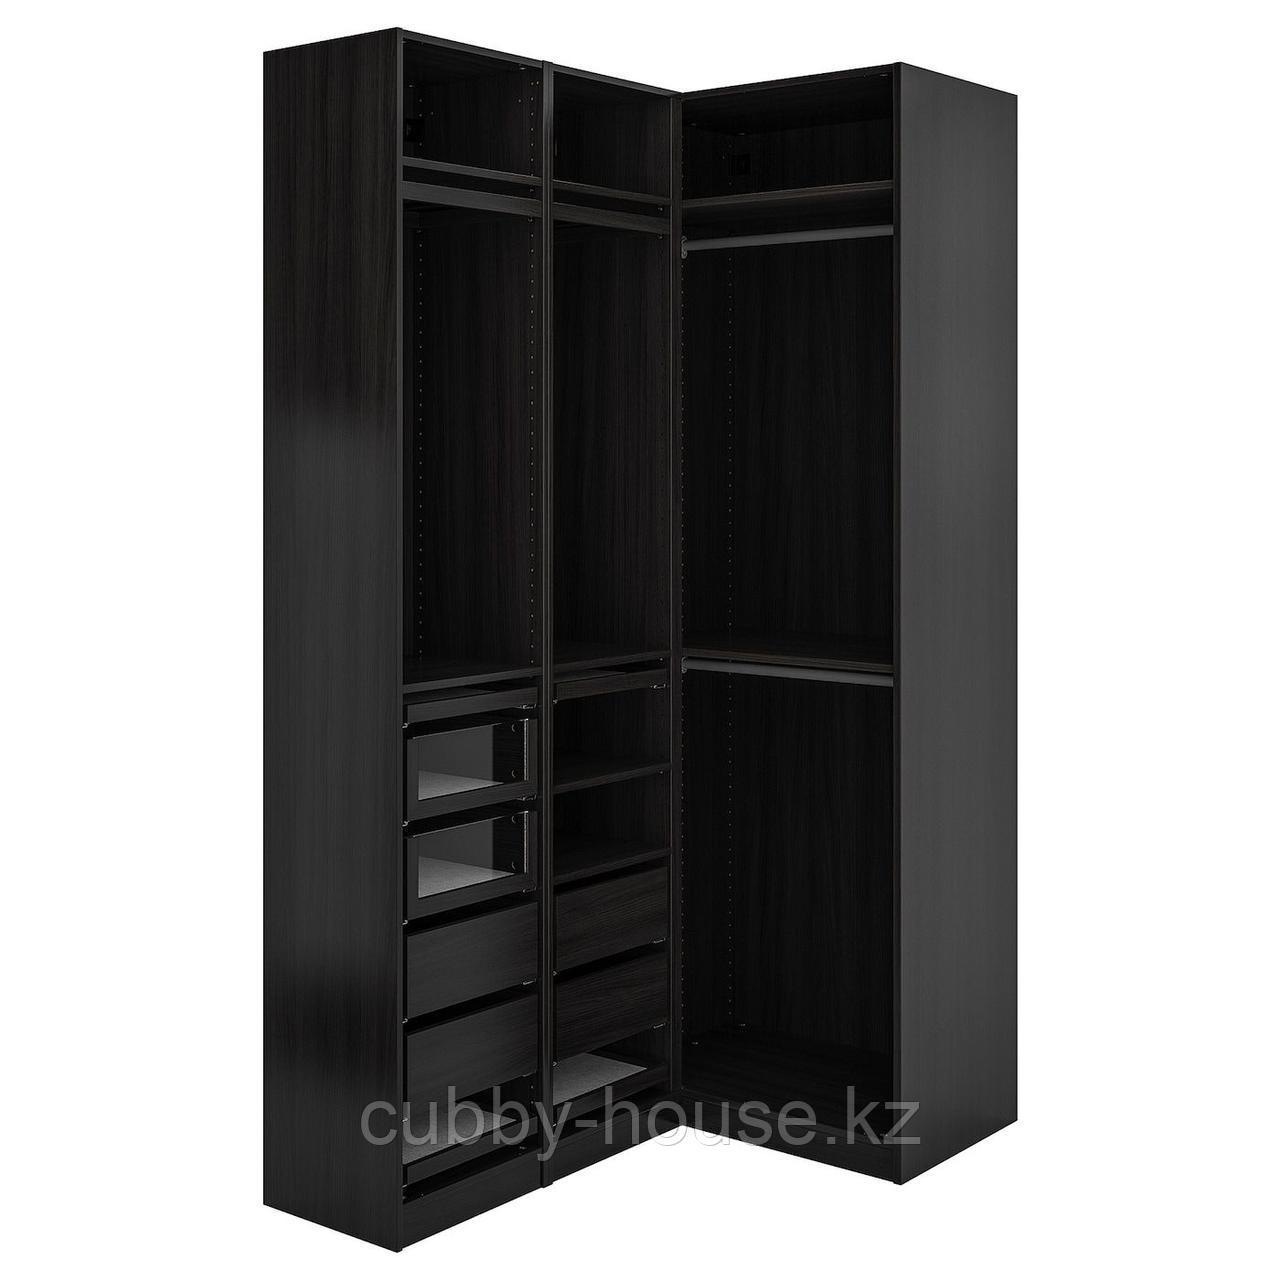 ПАКС Гардероб угловой, черно-коричневый, 160/88x236 см